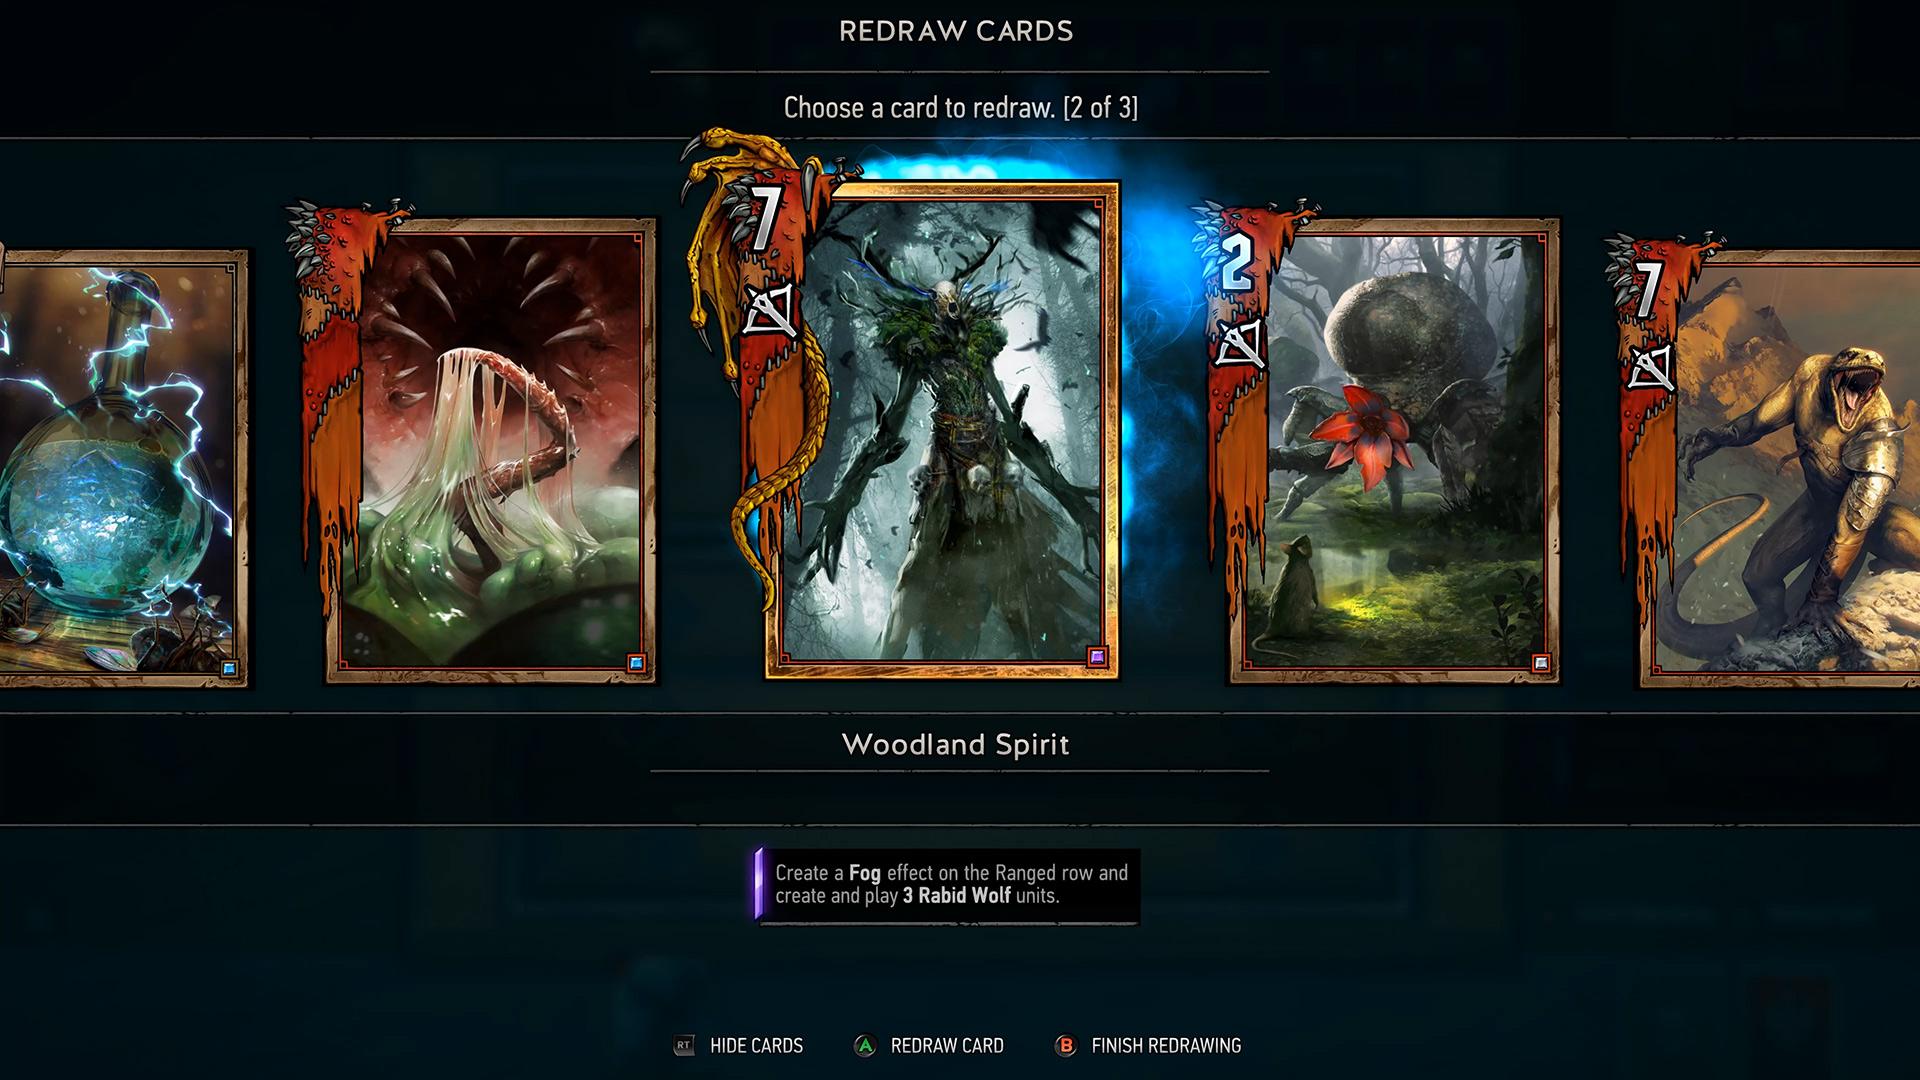 巫师之昆特牌 游戏画面